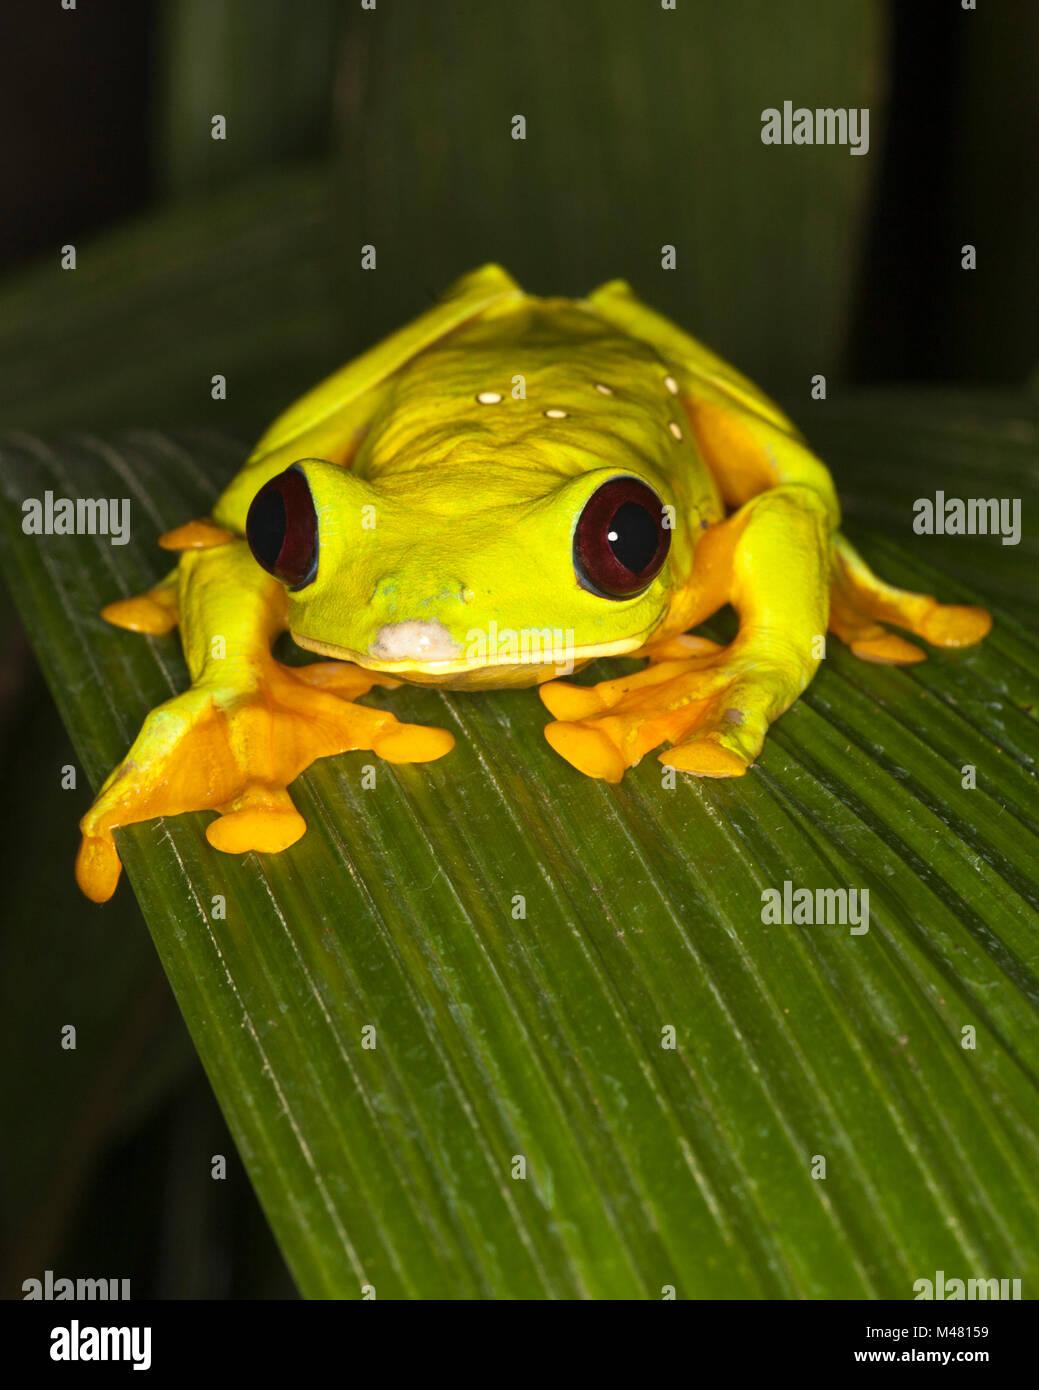 Gliding Treefrog, aka Flying Leaf Frog or Spurrell's leaf frog (Agalychnis spurrelli) - Stock Image